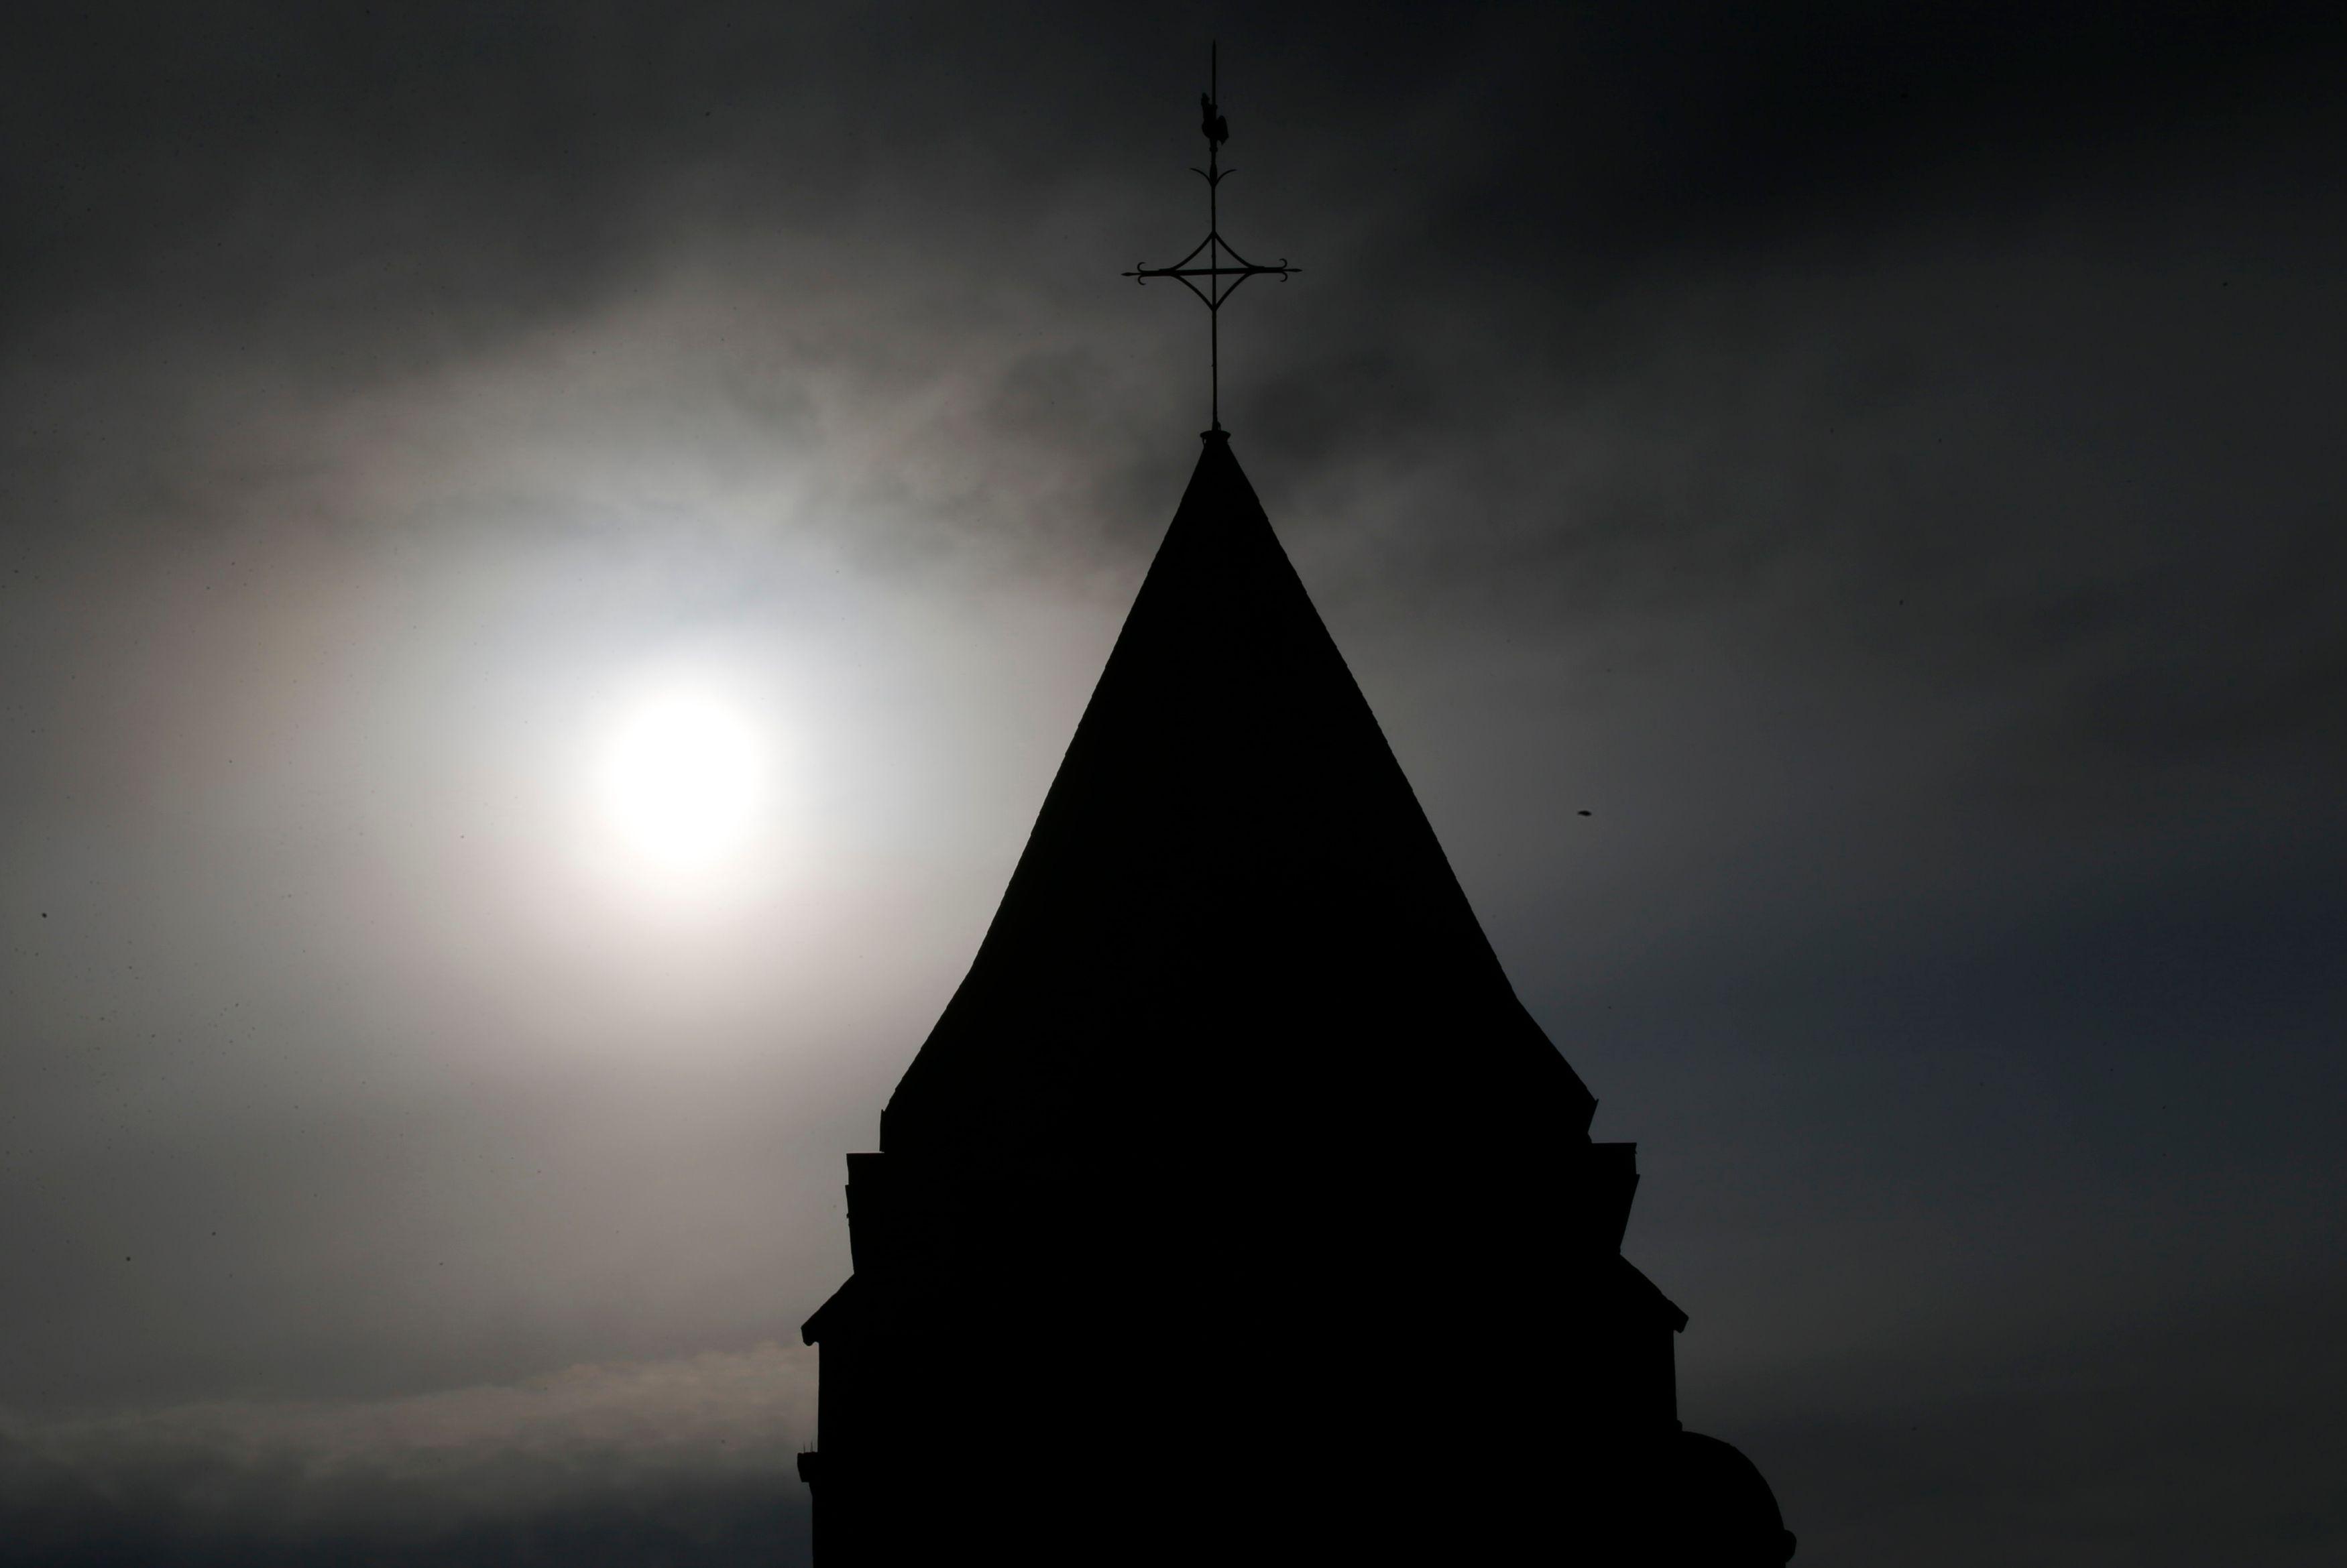 Face à la menace terroriste, les chrétiens doivent s'engager pour redonner à la France des armes culturelles et spirituelles